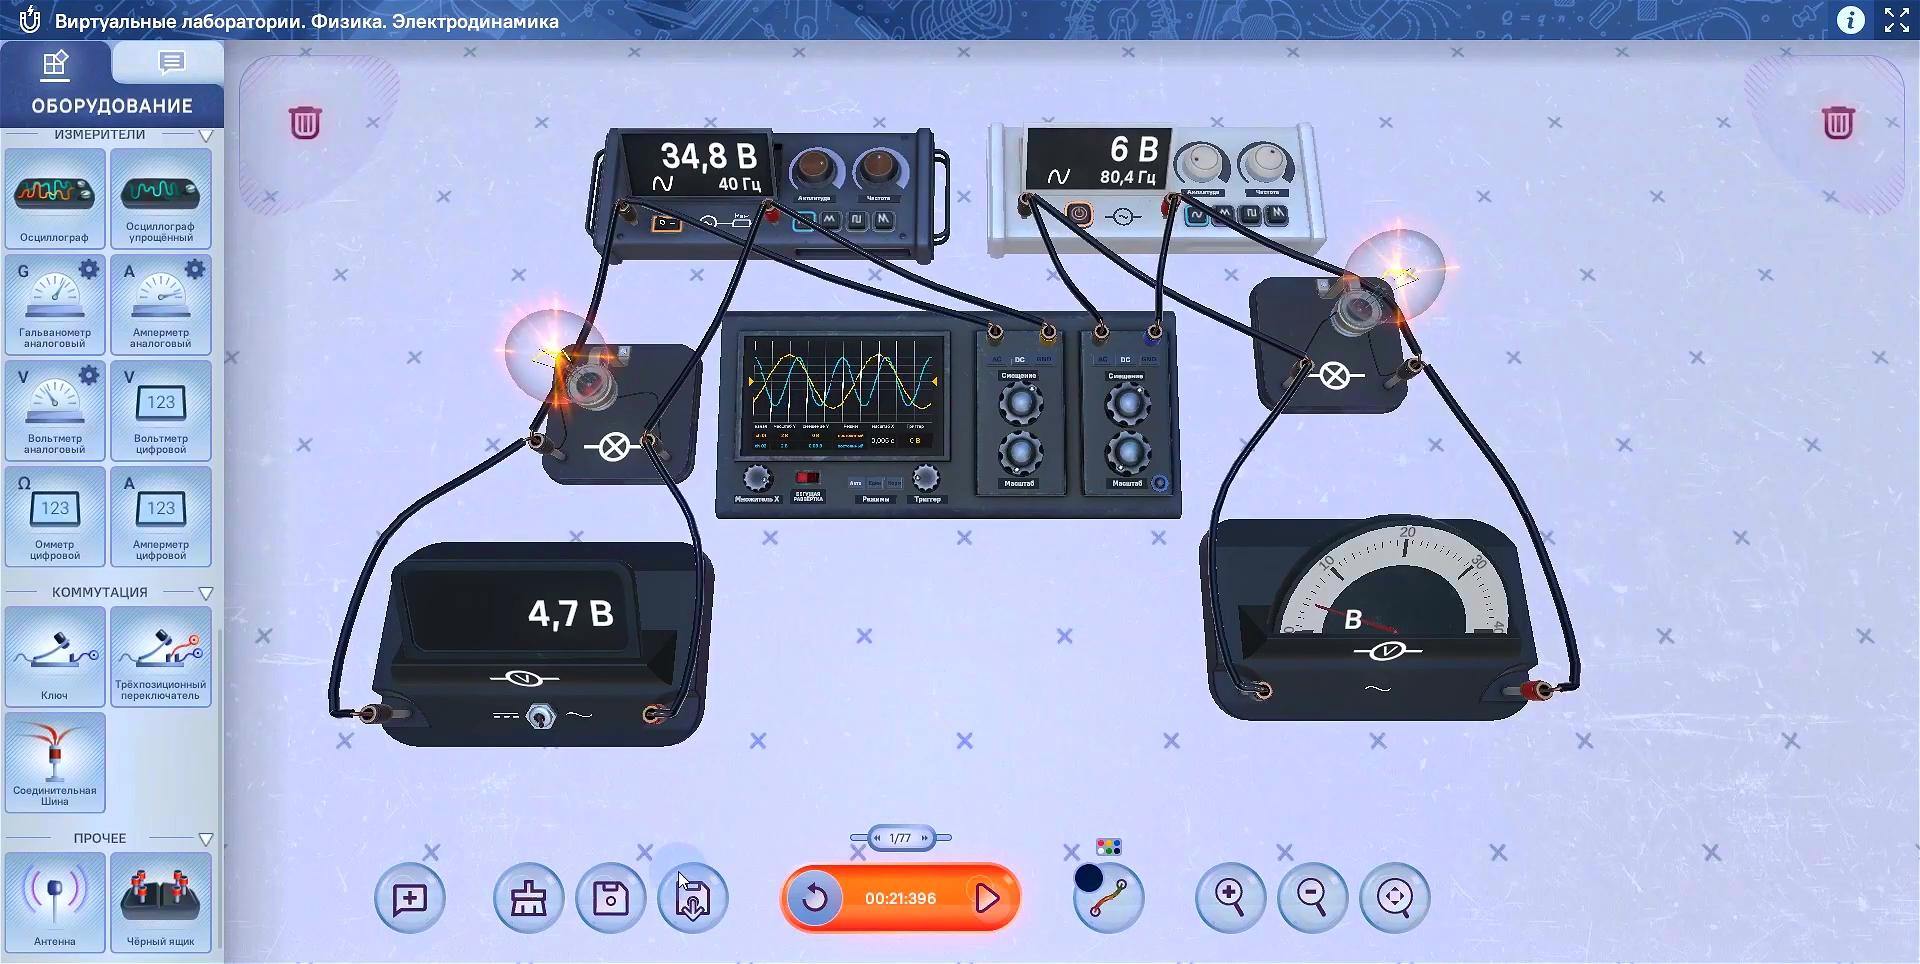 Виртуальные лаборатории. Электродинамика.